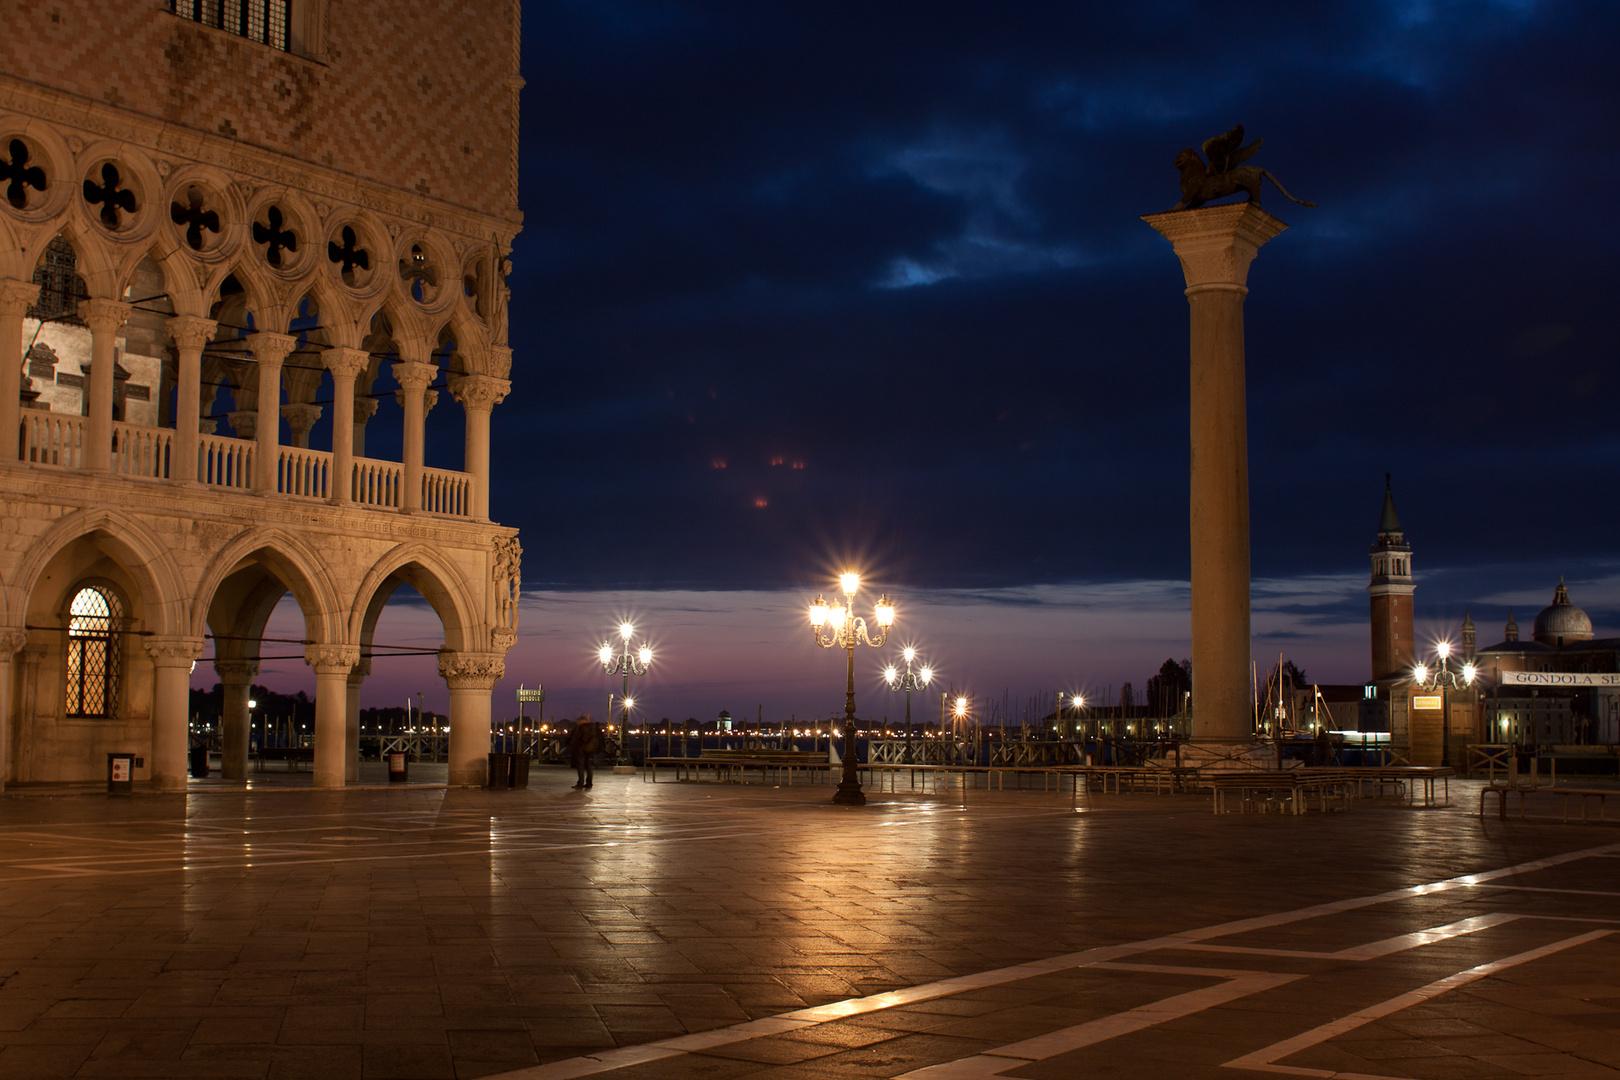 Piazzetta vor Sonnenaufgang, Venedig